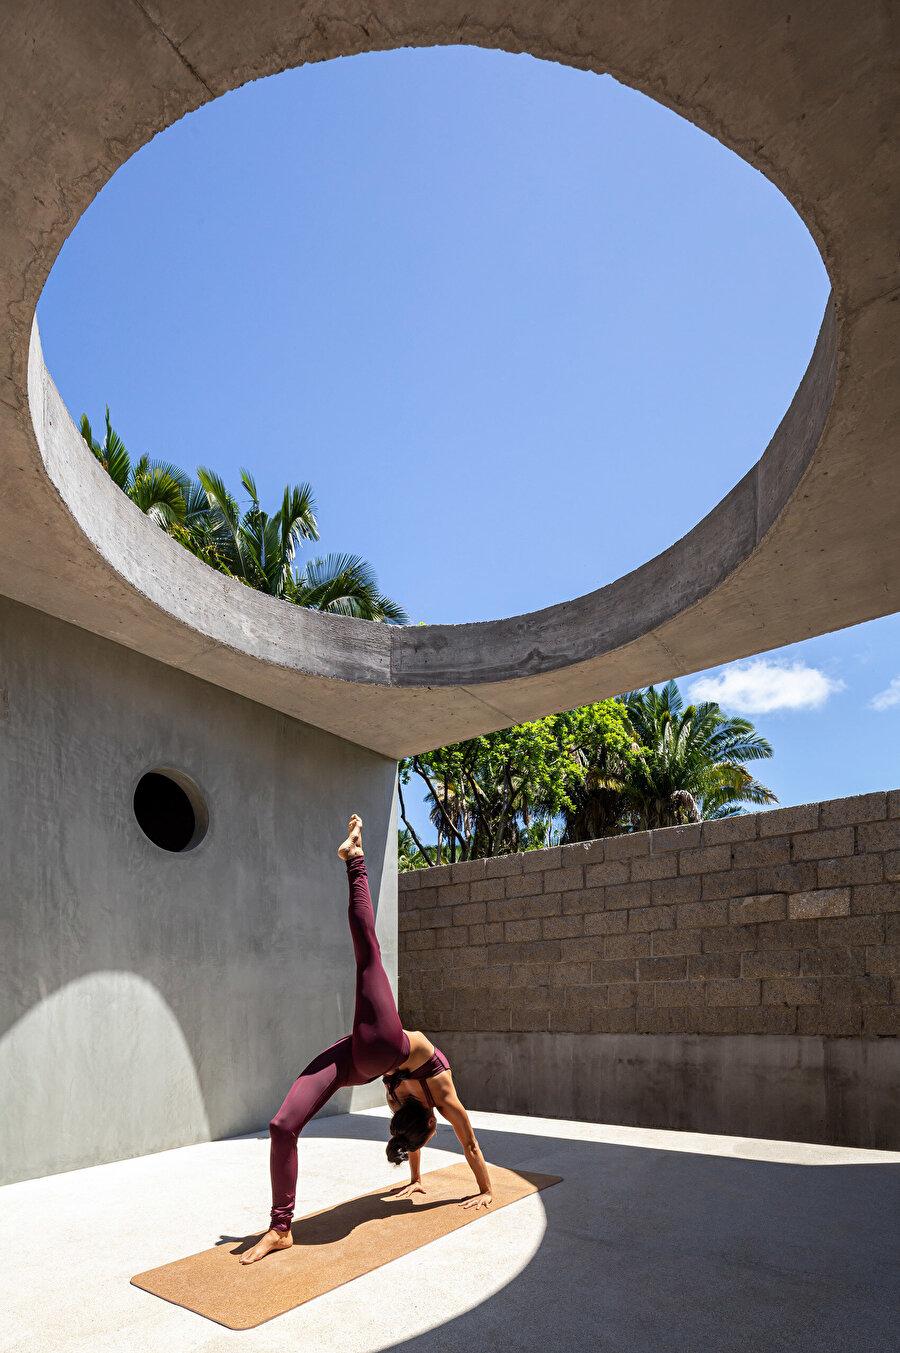 Açıklık, yoga ve meditasyon gibi aktiviteler için aydınlık bir alan oluşturuyor.